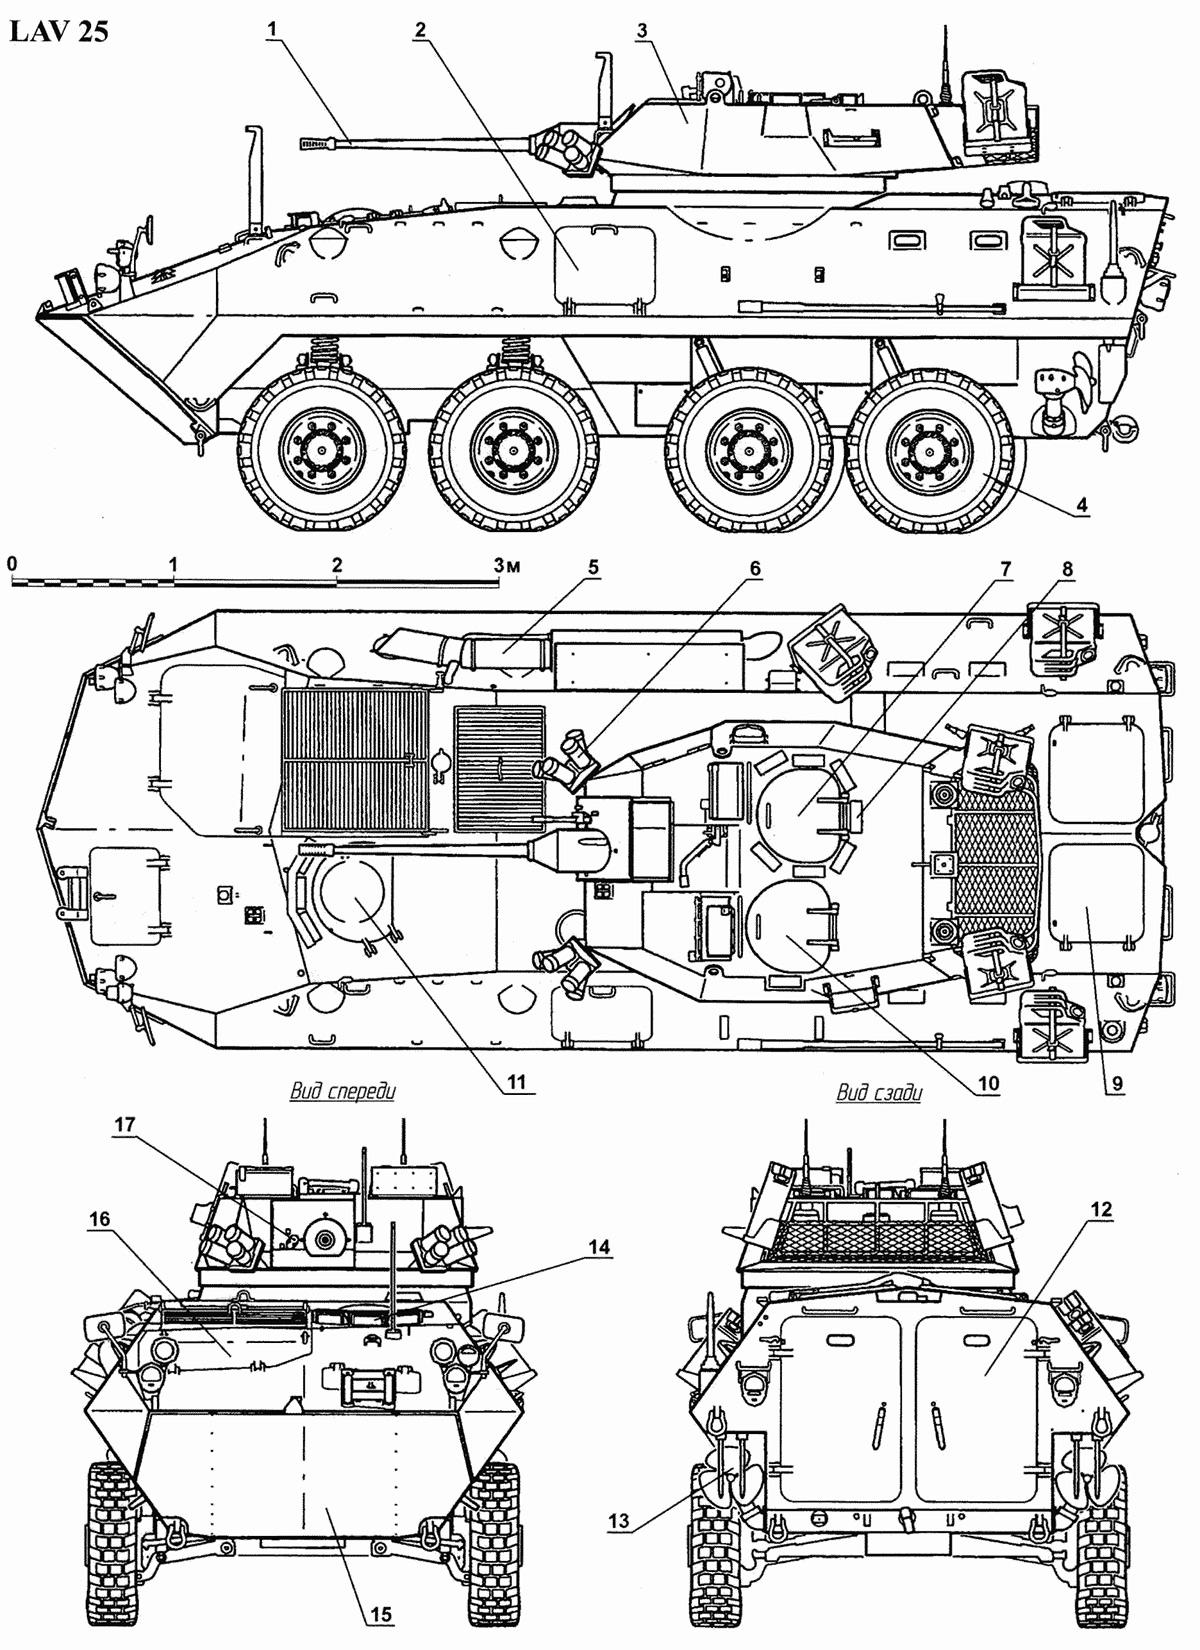 Чертеж боевой машины LAV-25